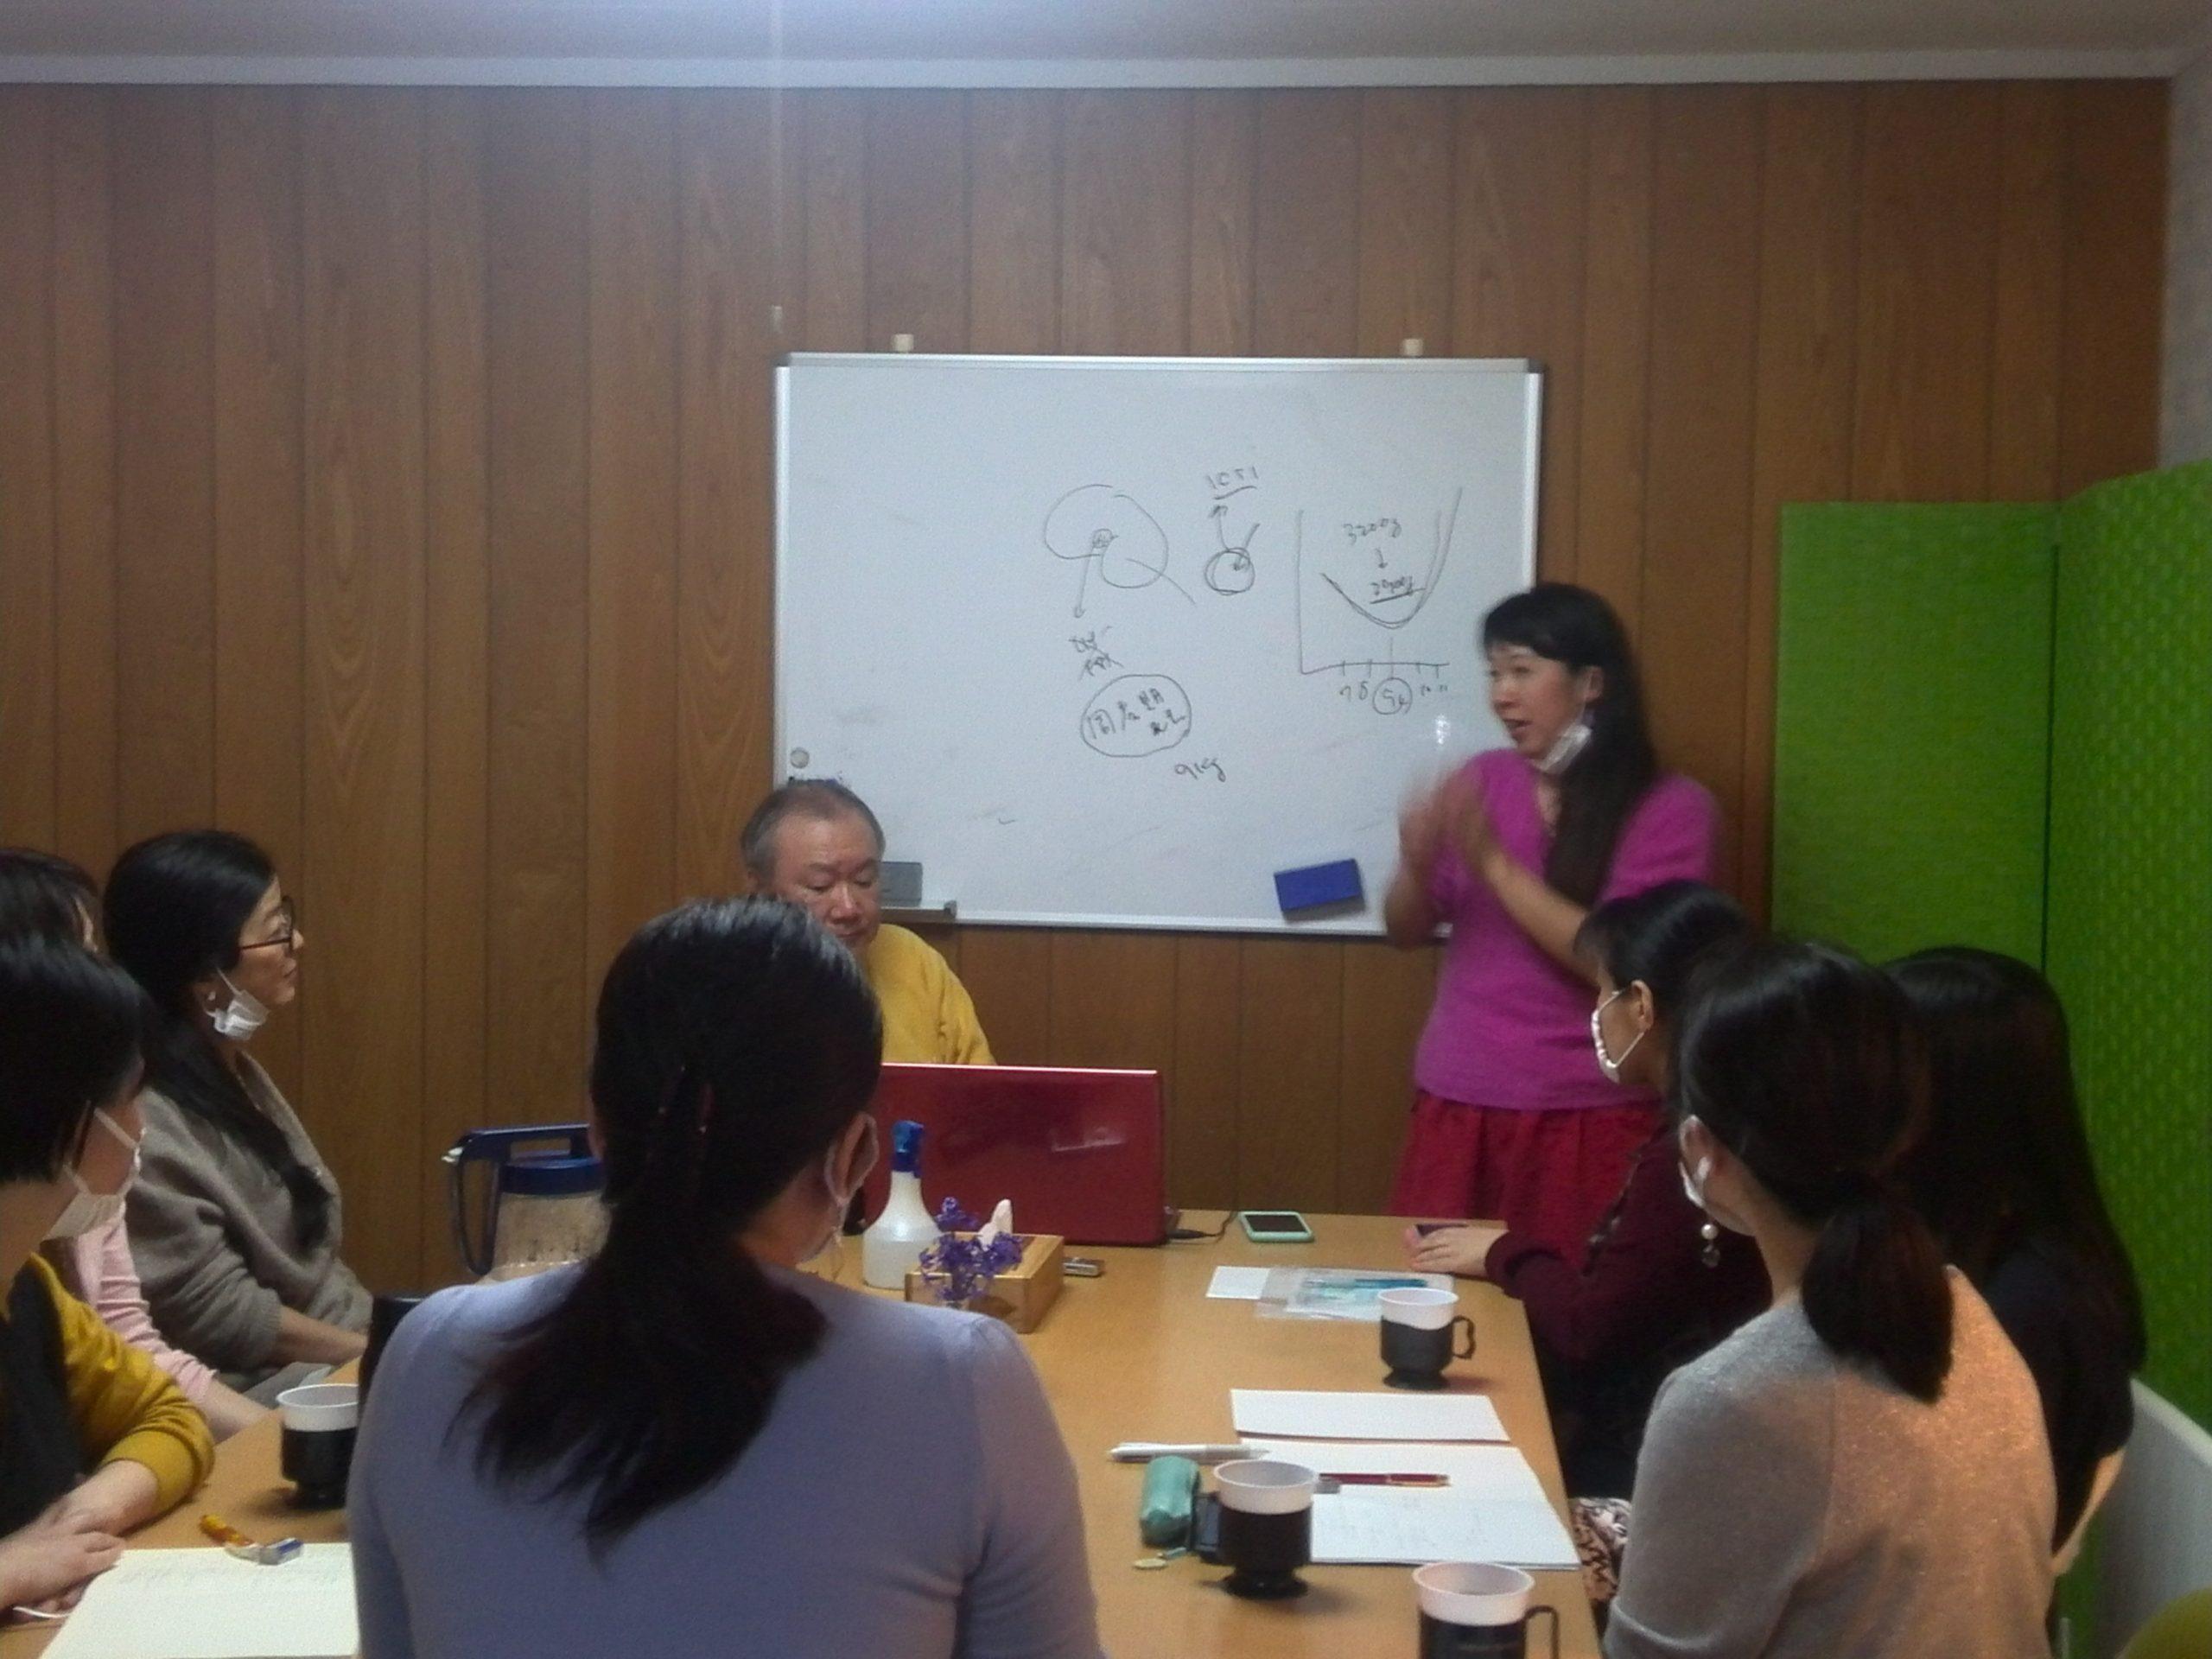 IMG 20200310 200027 scaled - 愛の子育て塾第16期第1講座開催